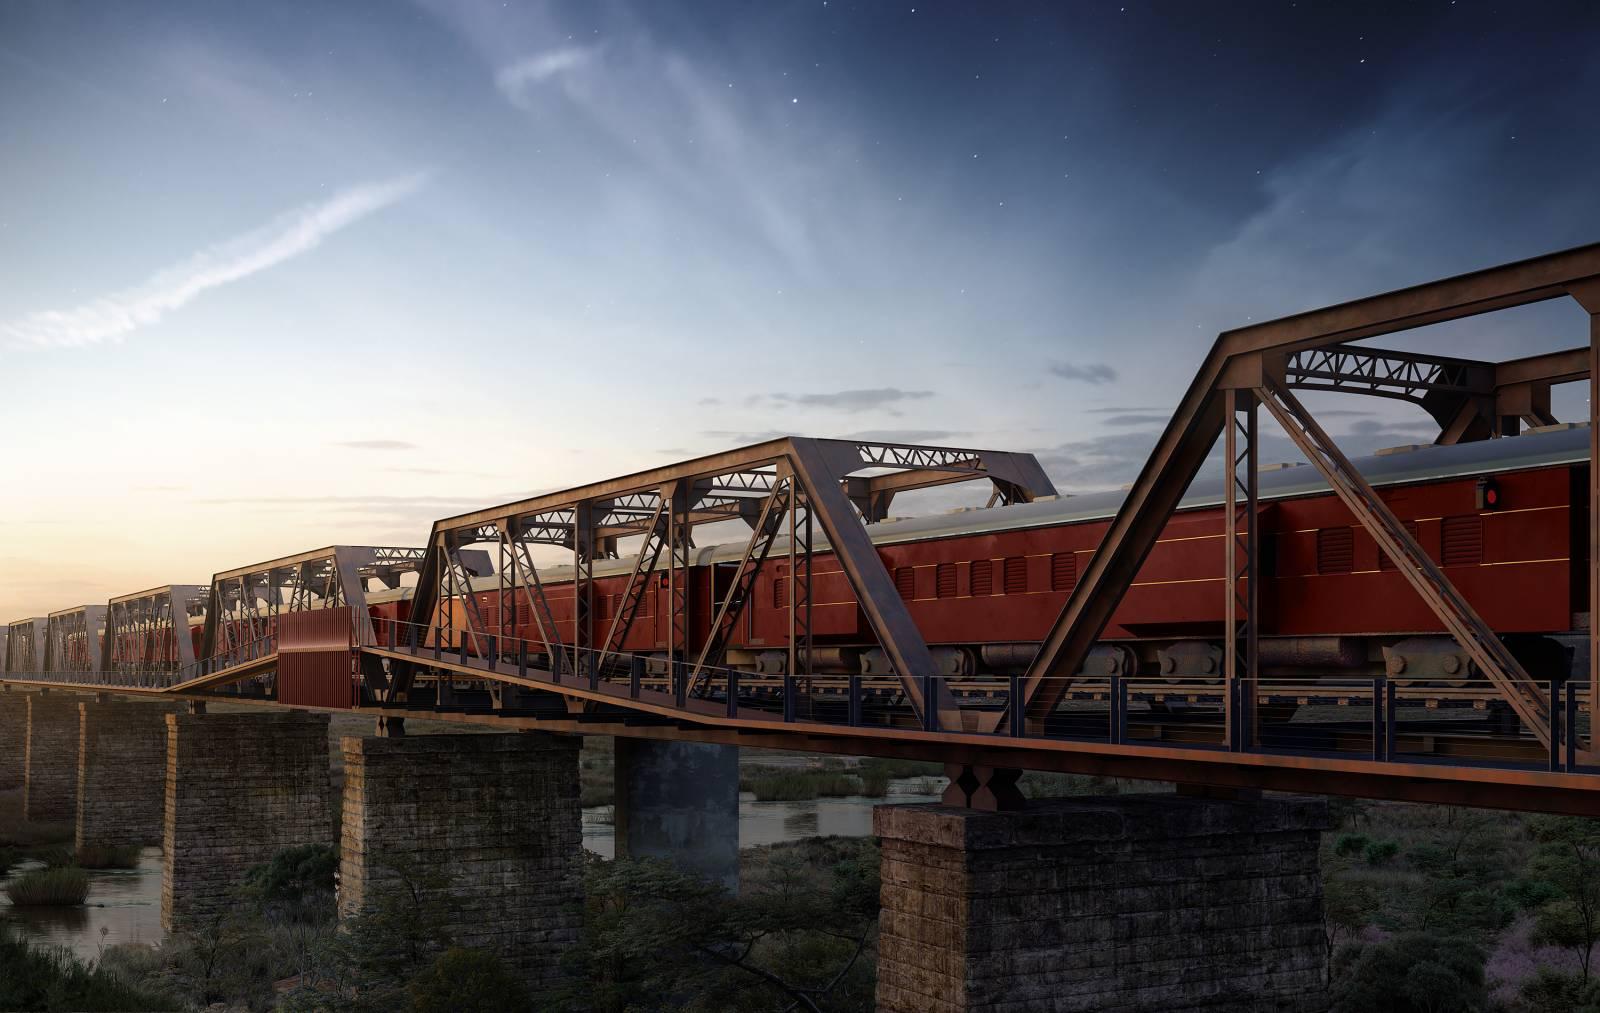 Ένα απίθανο τρένο ξενοδοχείο ανοίγει στη Νότια Αφρική